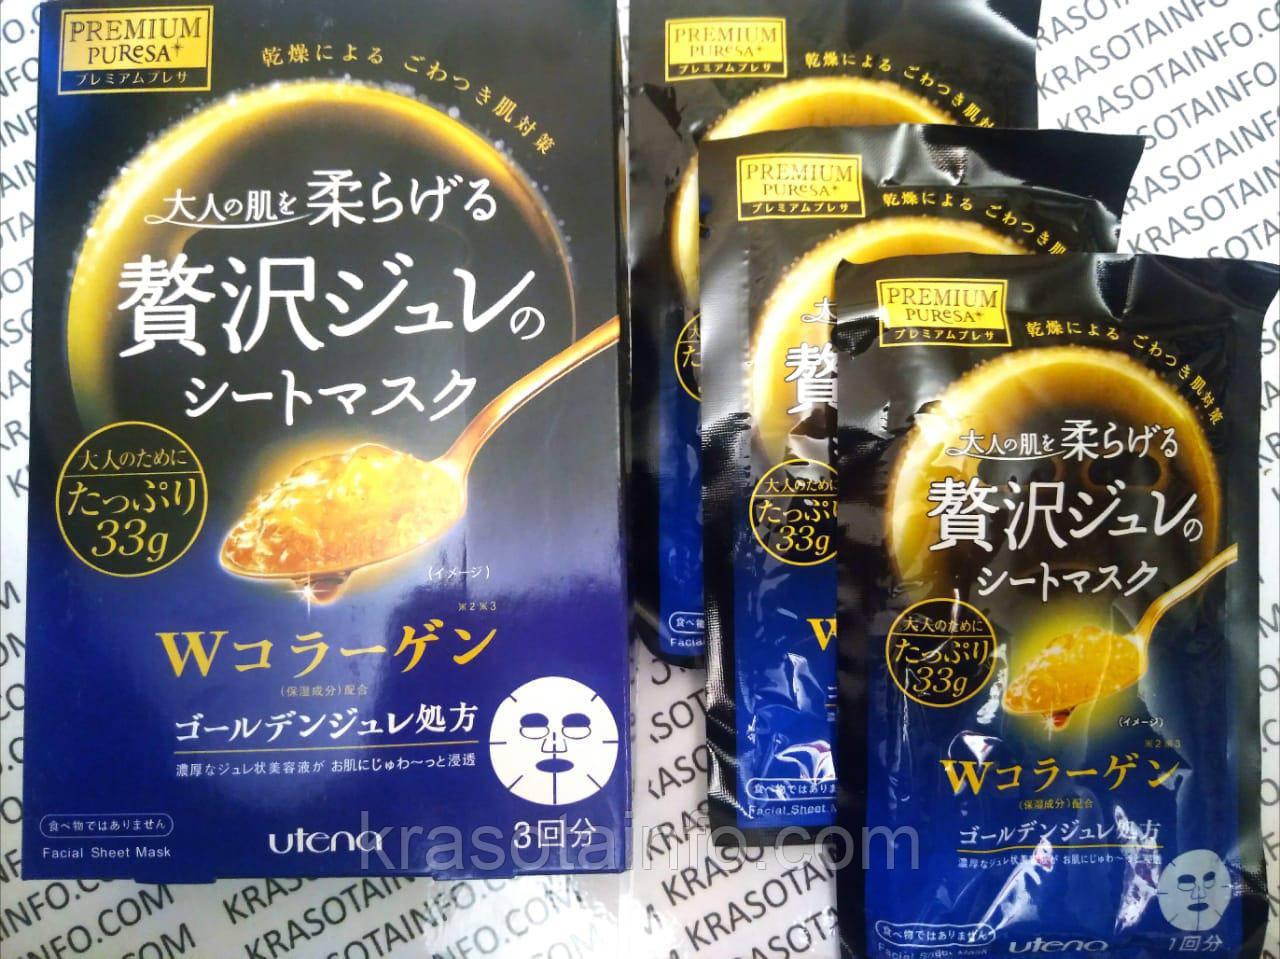 ЯПОНИЯ Премиум маска с 2 видами коллагена супер эффект желейная маска-салфетка для лица